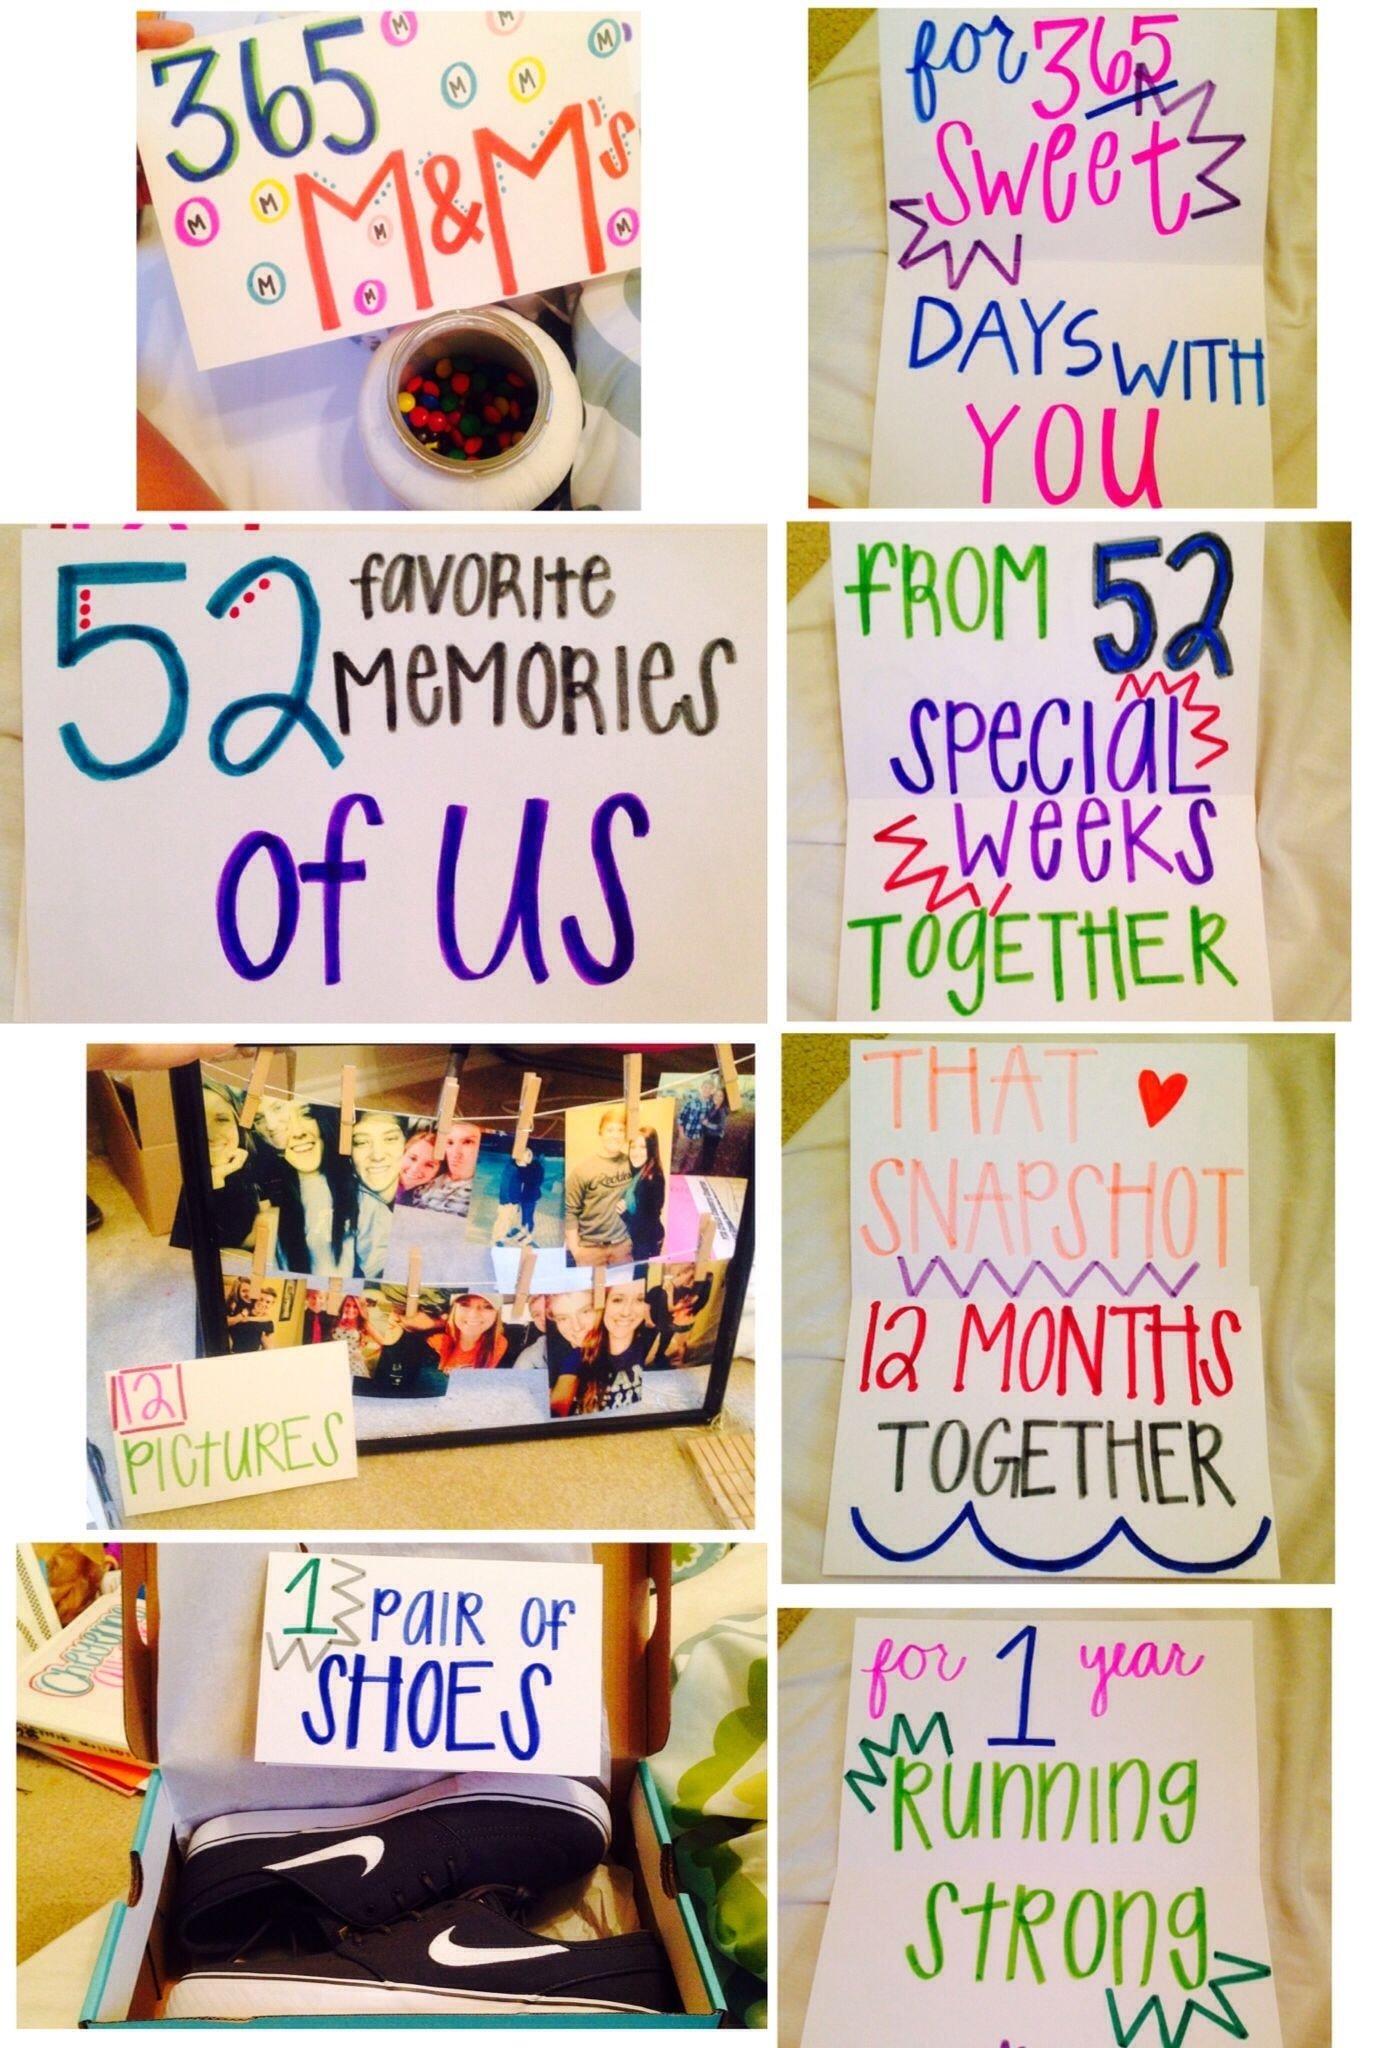 10 Stylish 2 Year Anniversary Ideas For Boyfriend 1 year anniversary gifts for him ideas boyfriends year 29